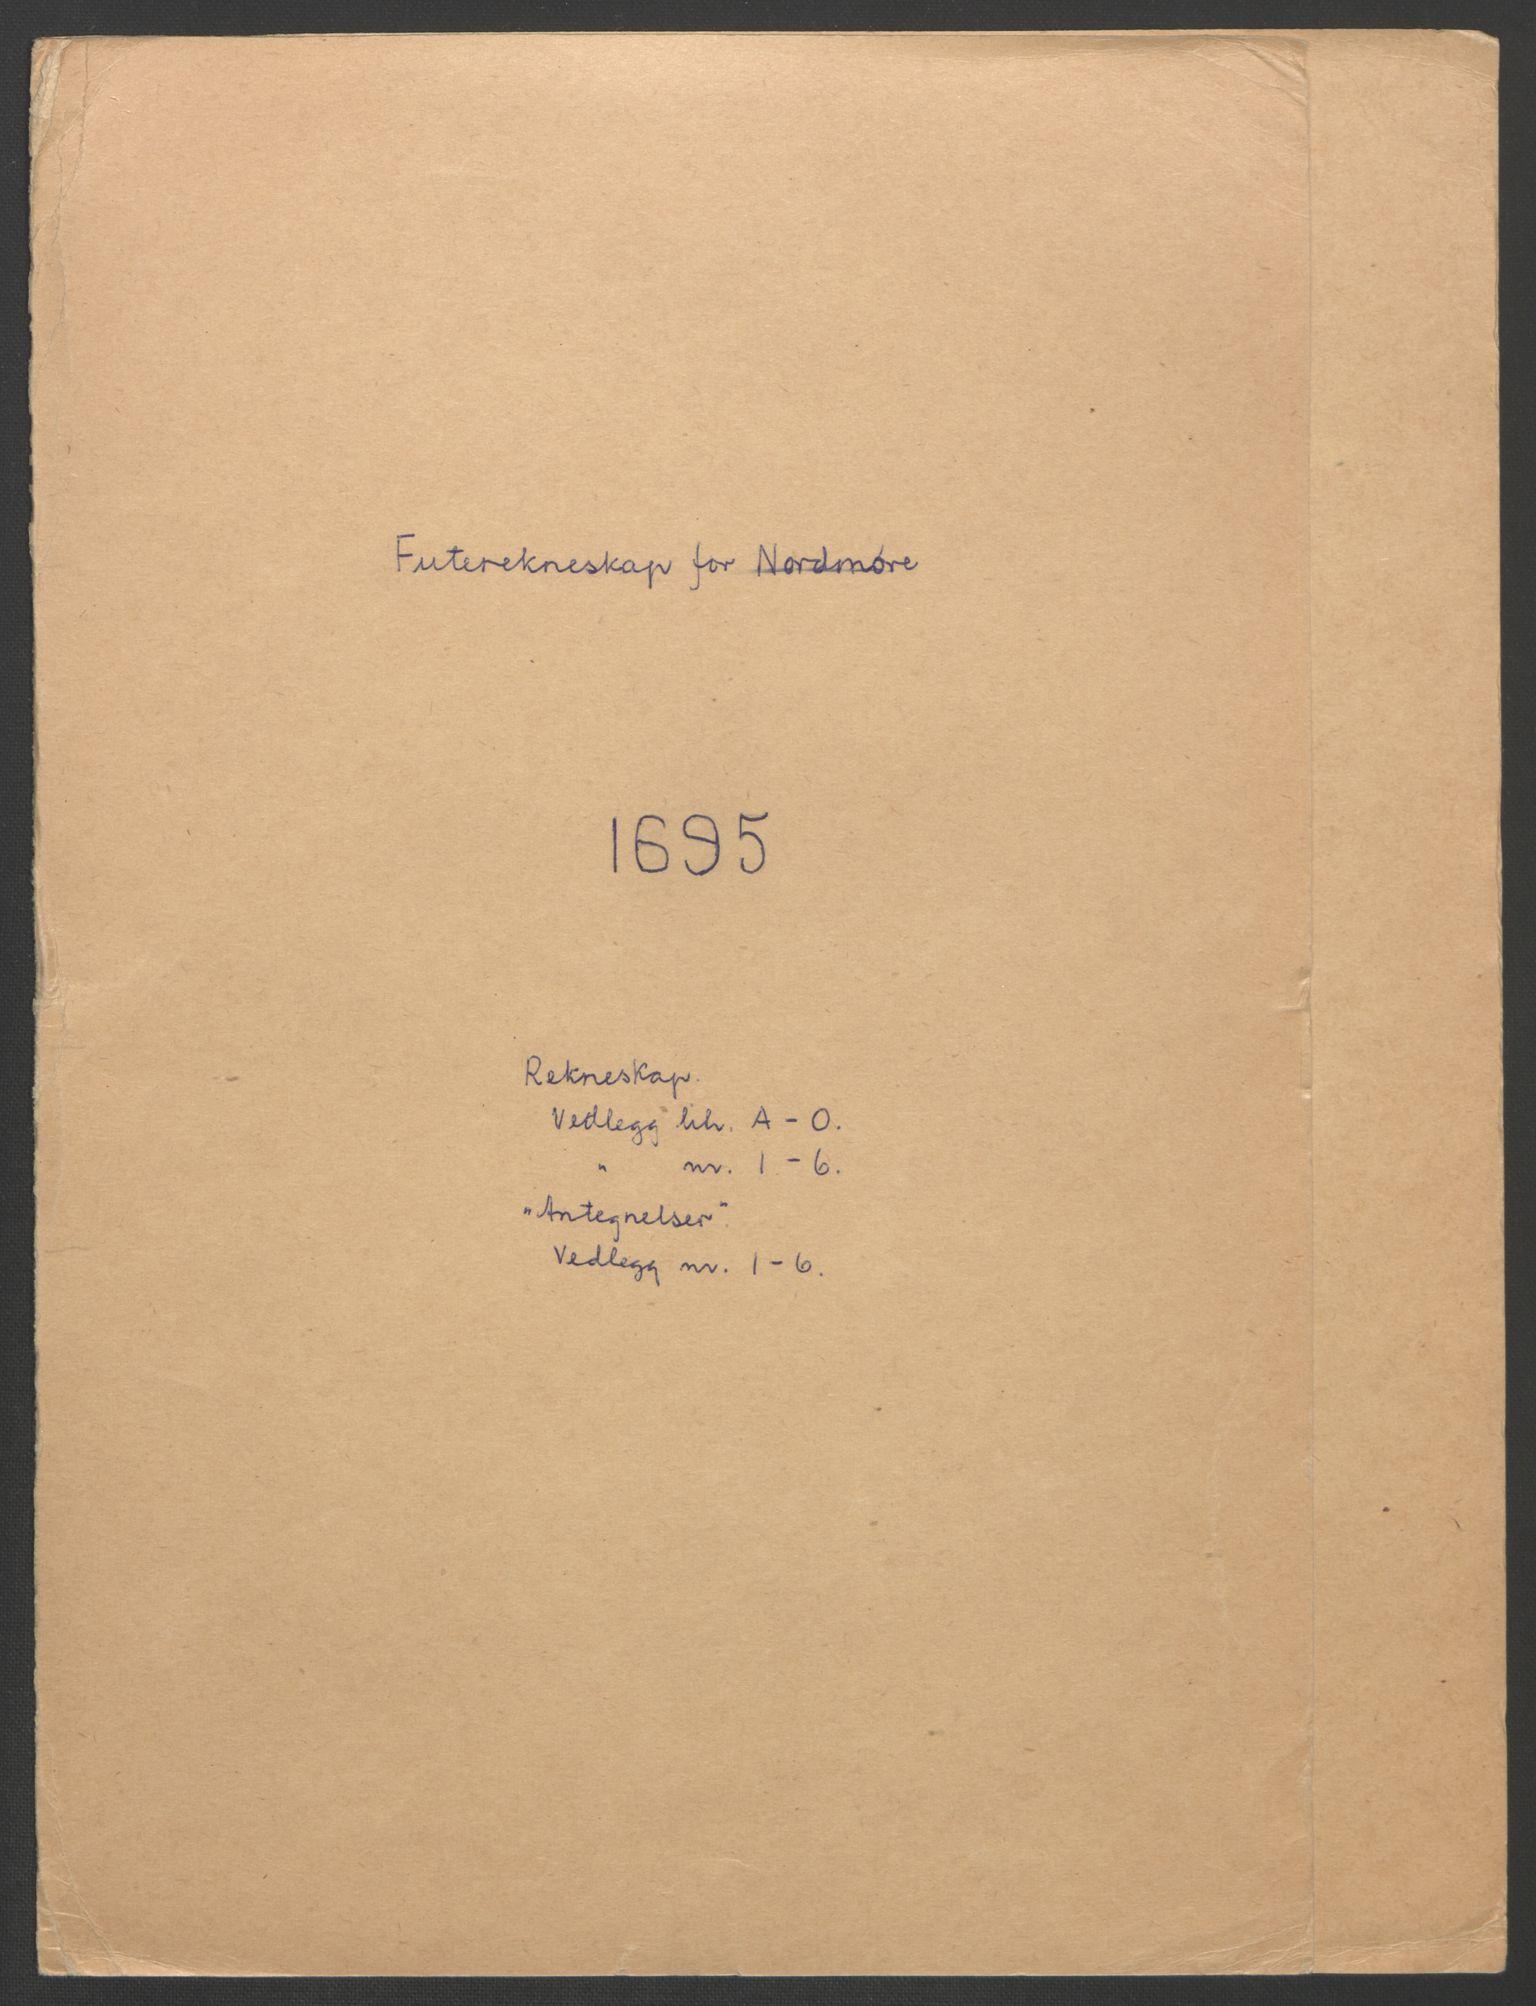 RA, Rentekammeret inntil 1814, Reviderte regnskaper, Fogderegnskap, R56/L3736: Fogderegnskap Nordmøre, 1694-1696, s. 181